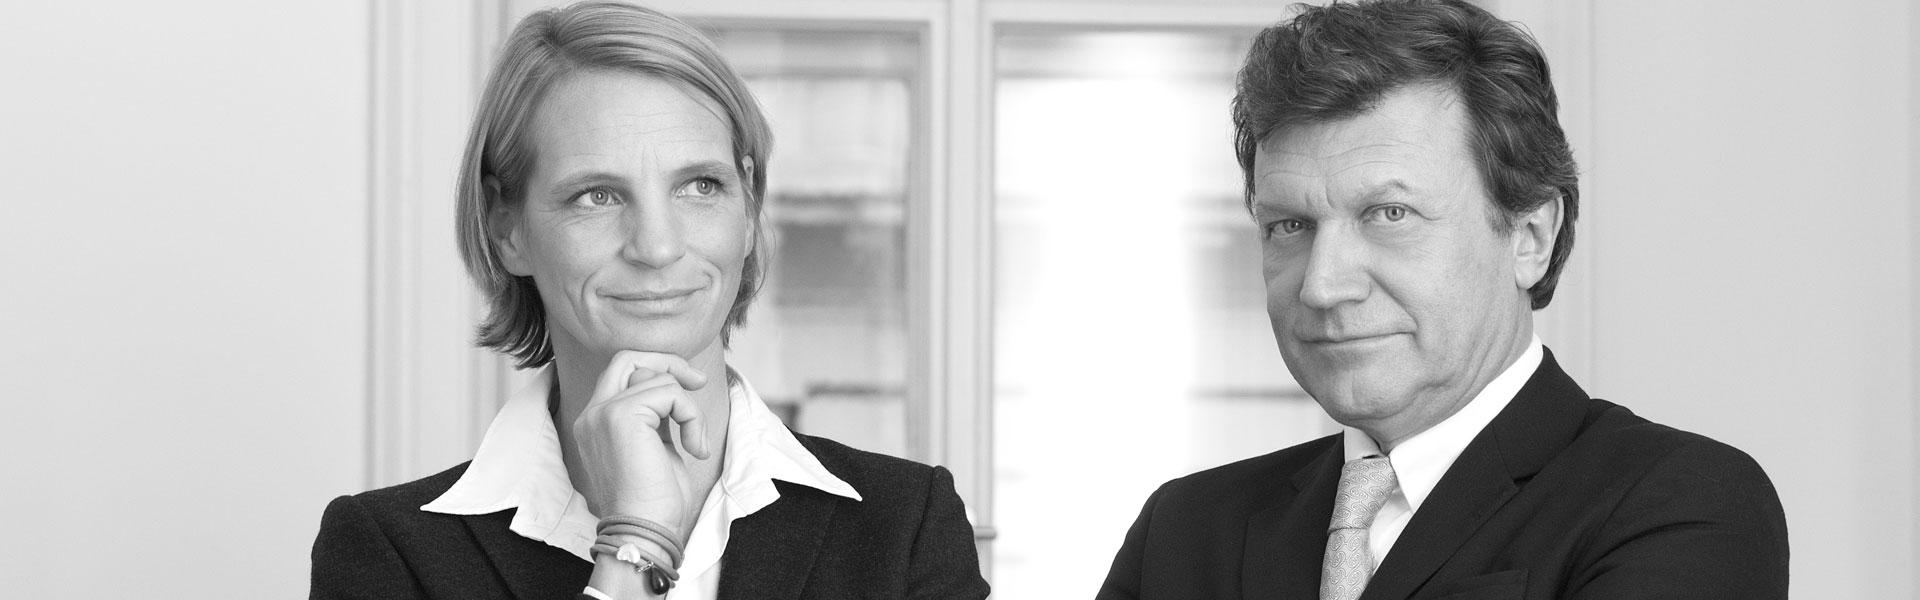 Dr. Heike Jandl, Dr. Harald Klien